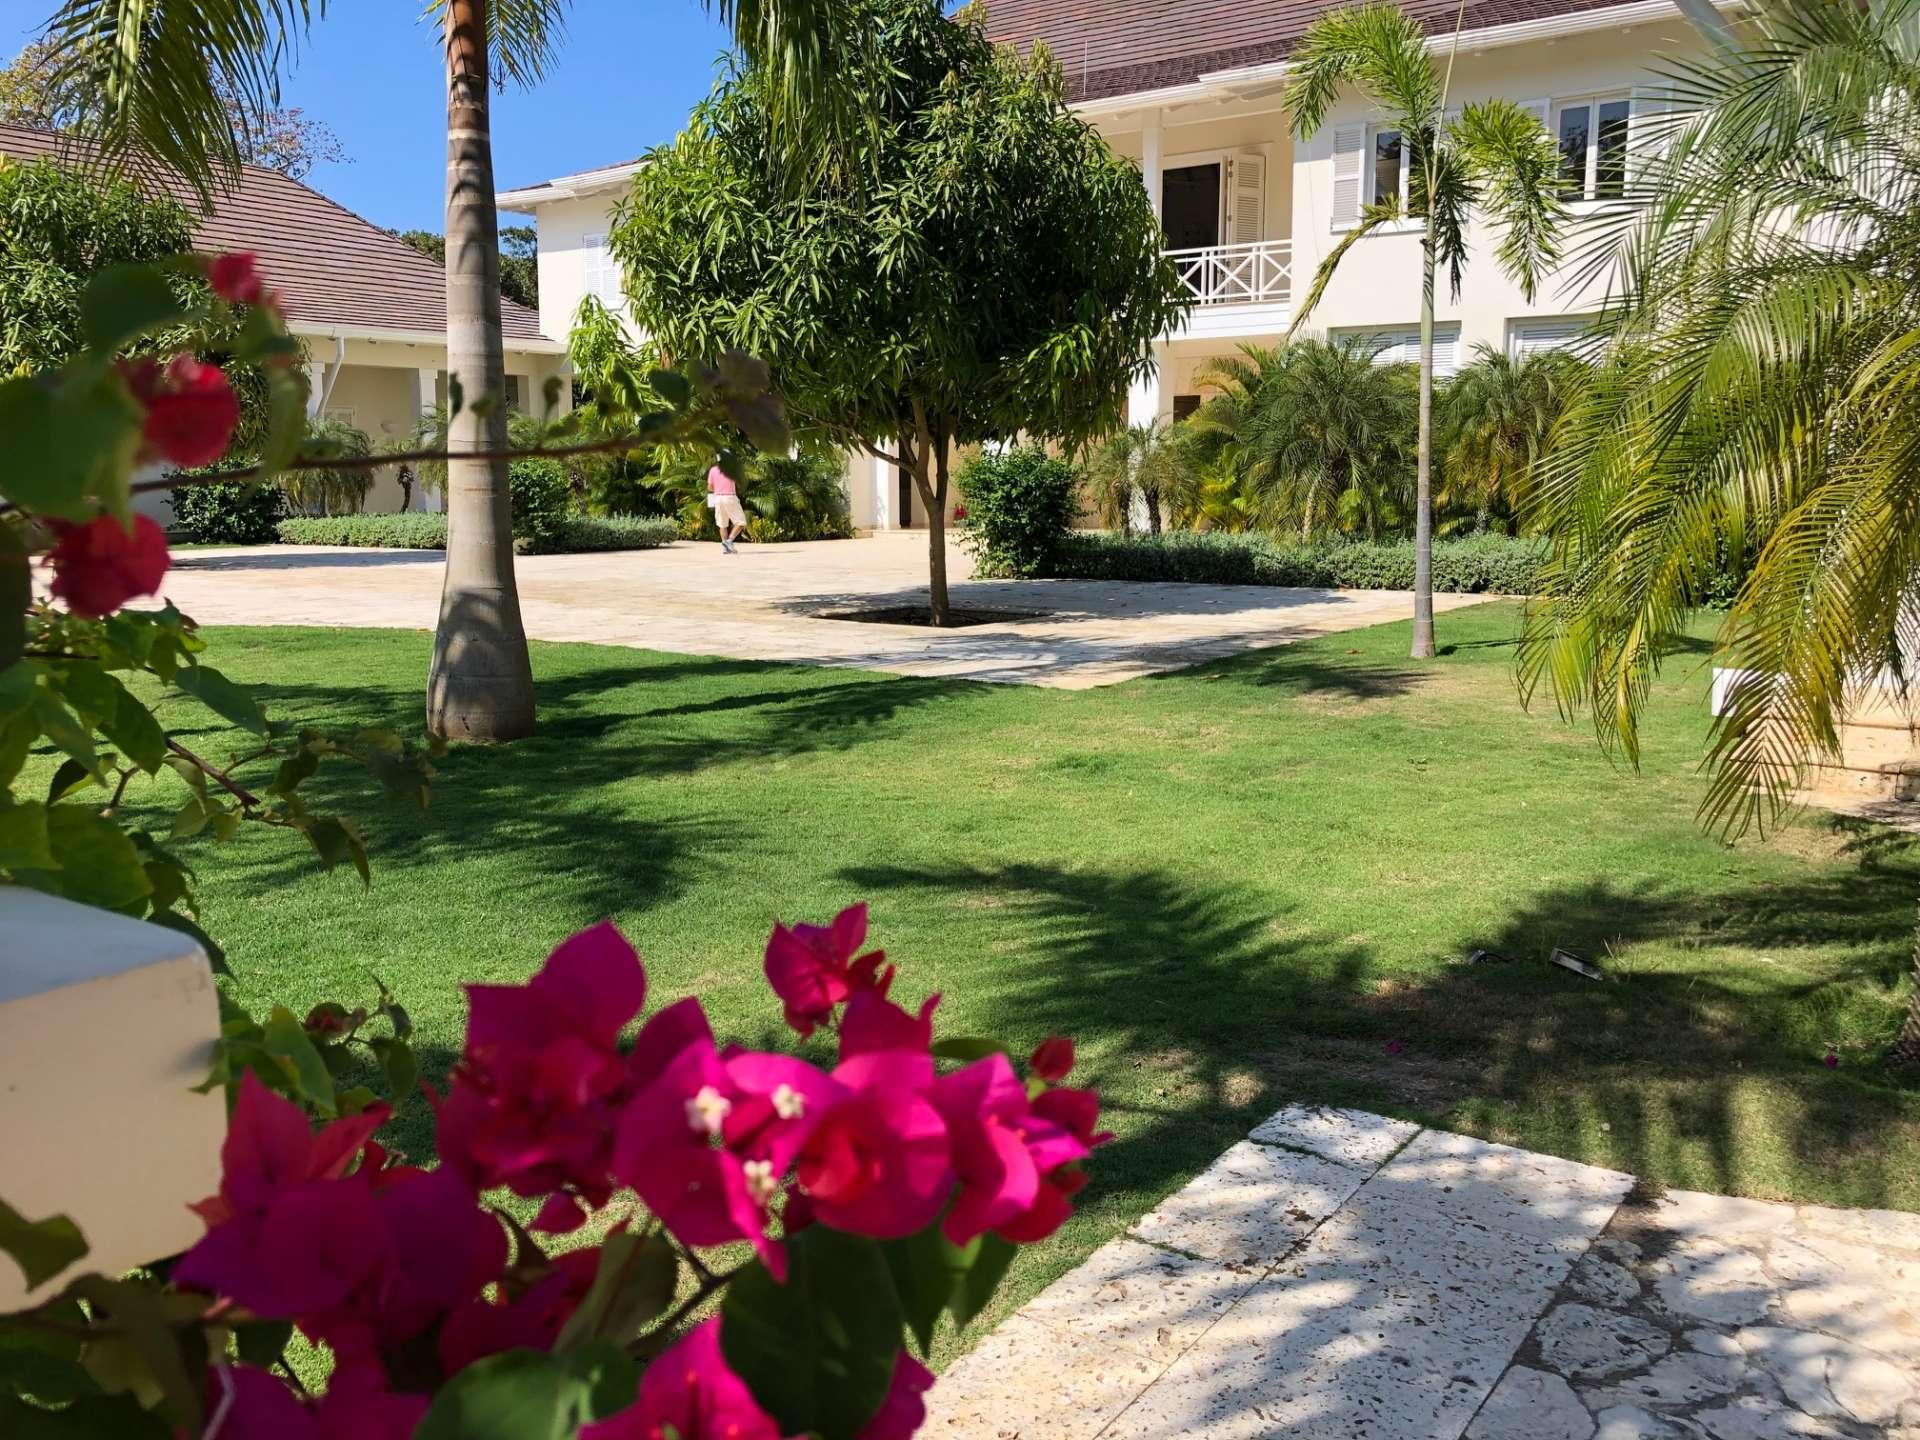 La Estancia Baru, Cartagena